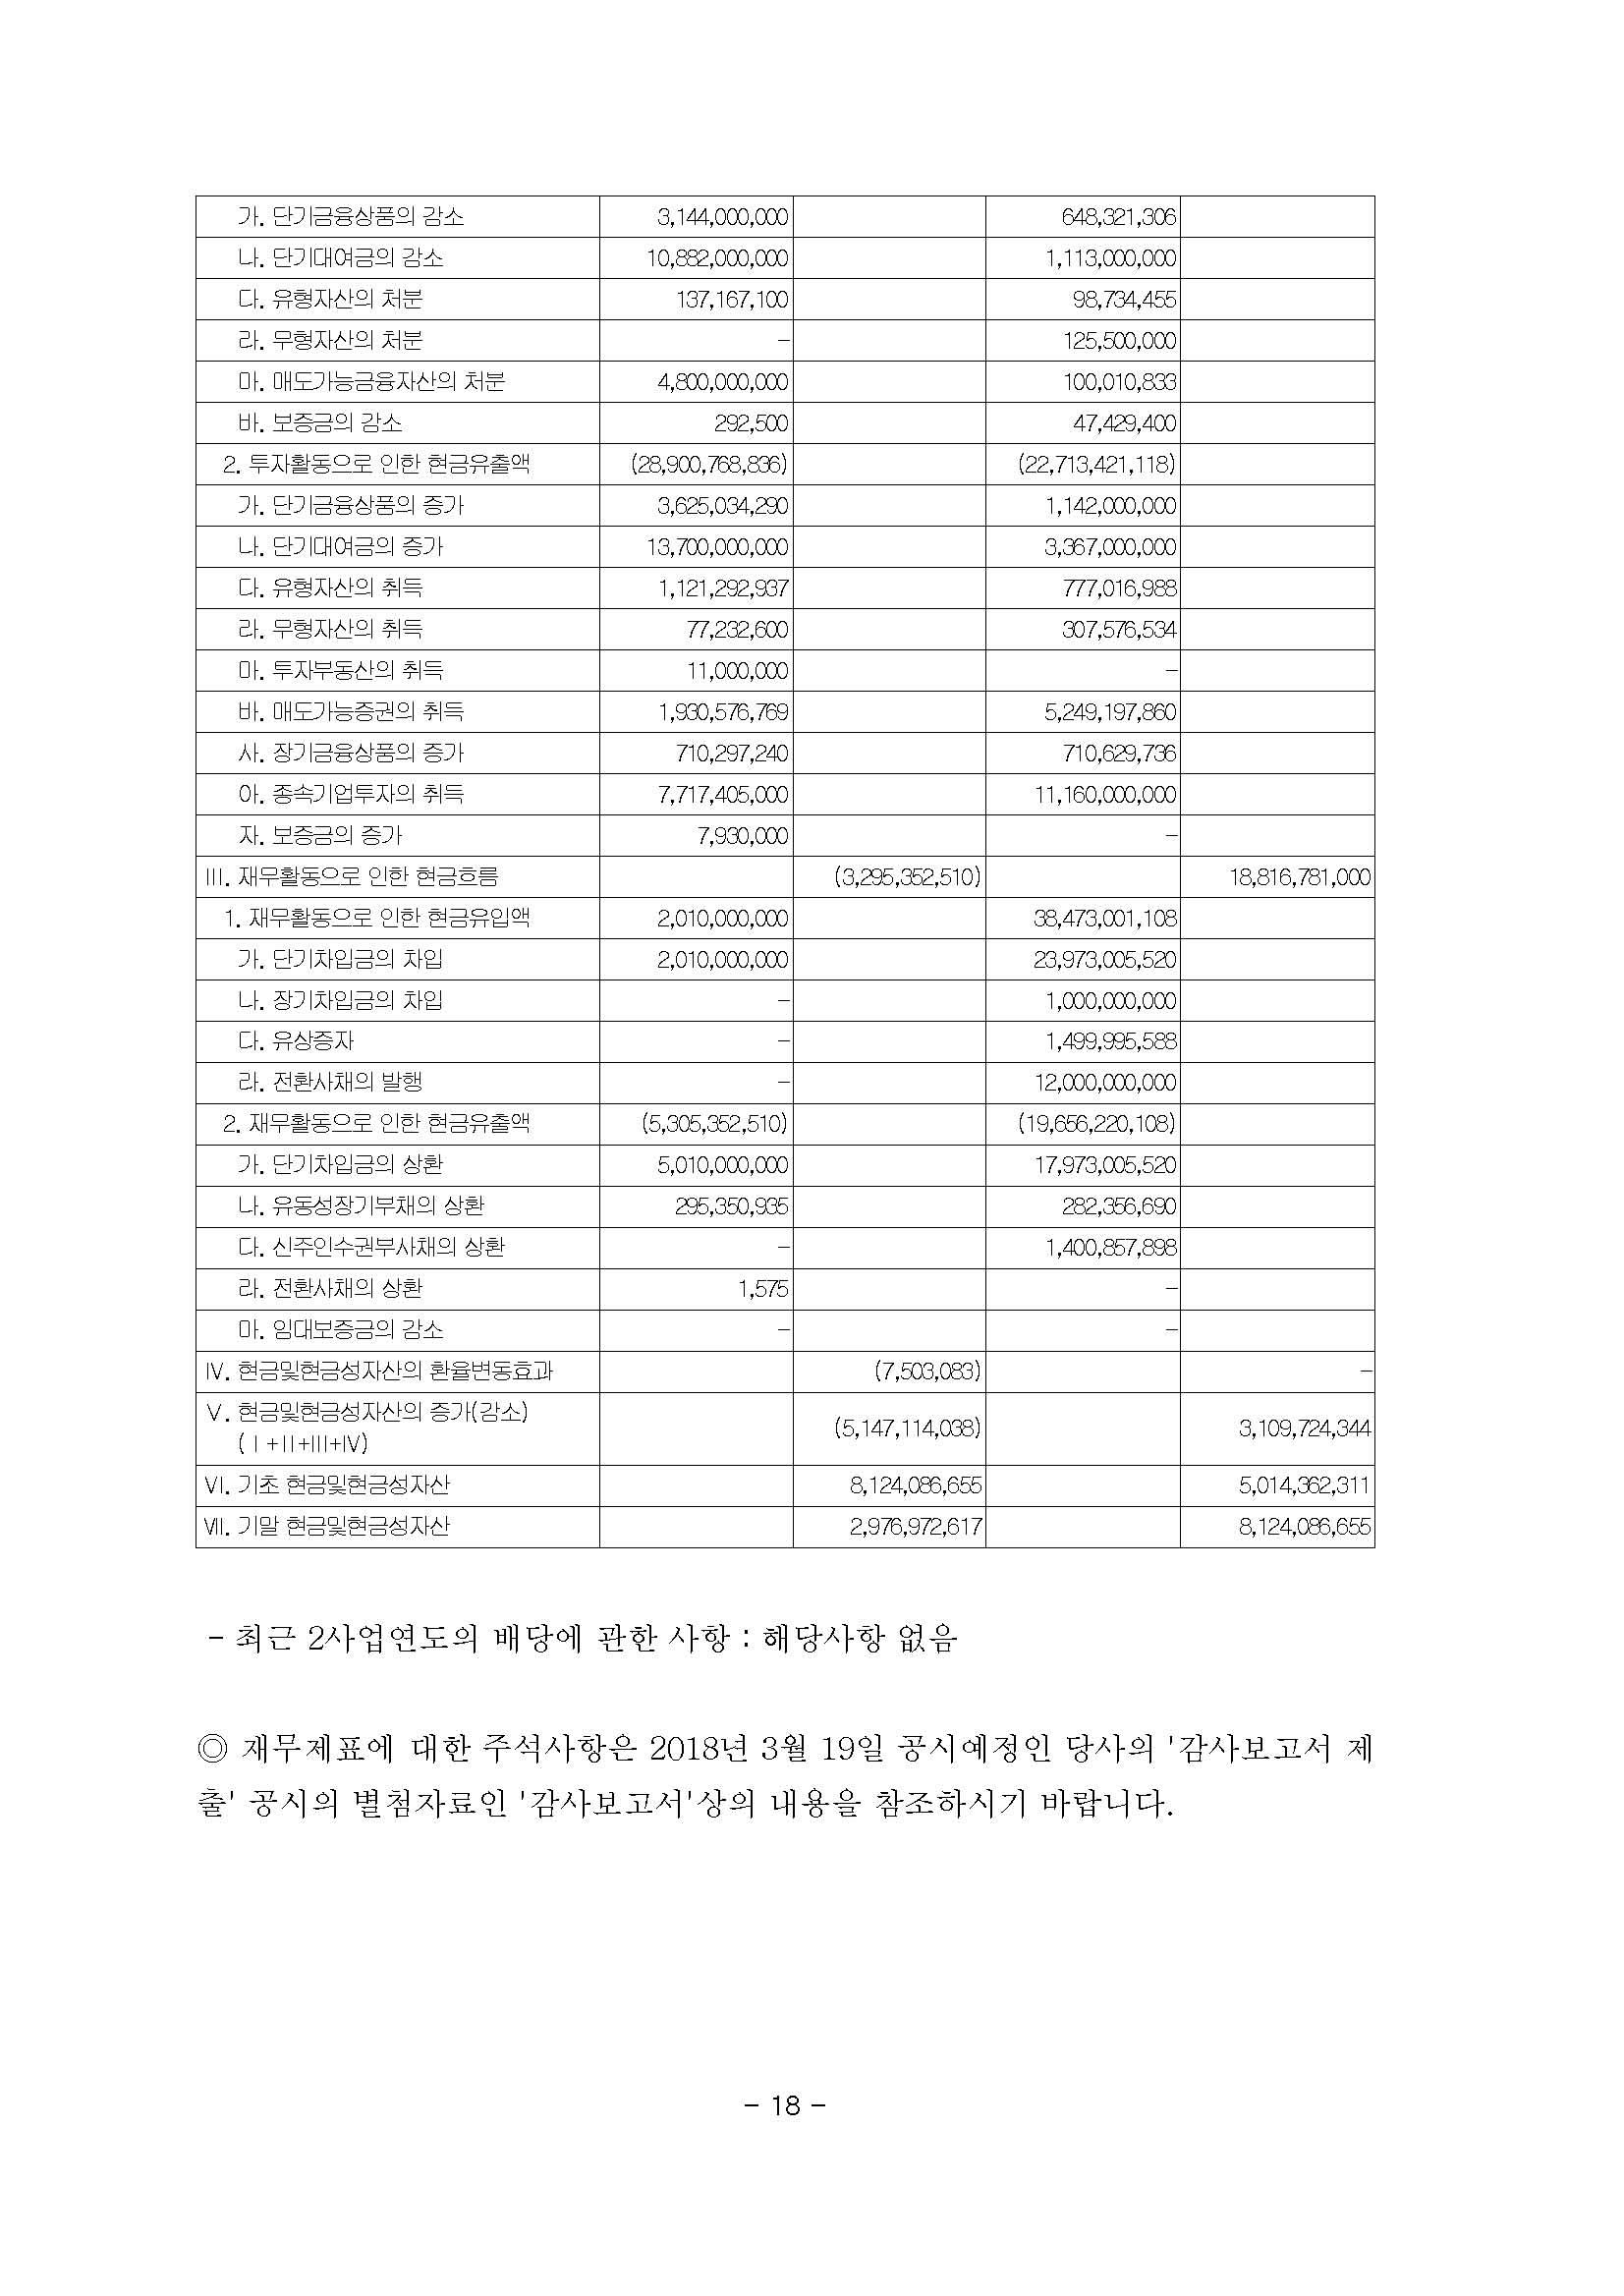 20180309 주주총회소집공고-바이오스마트_페이지_19.jpg